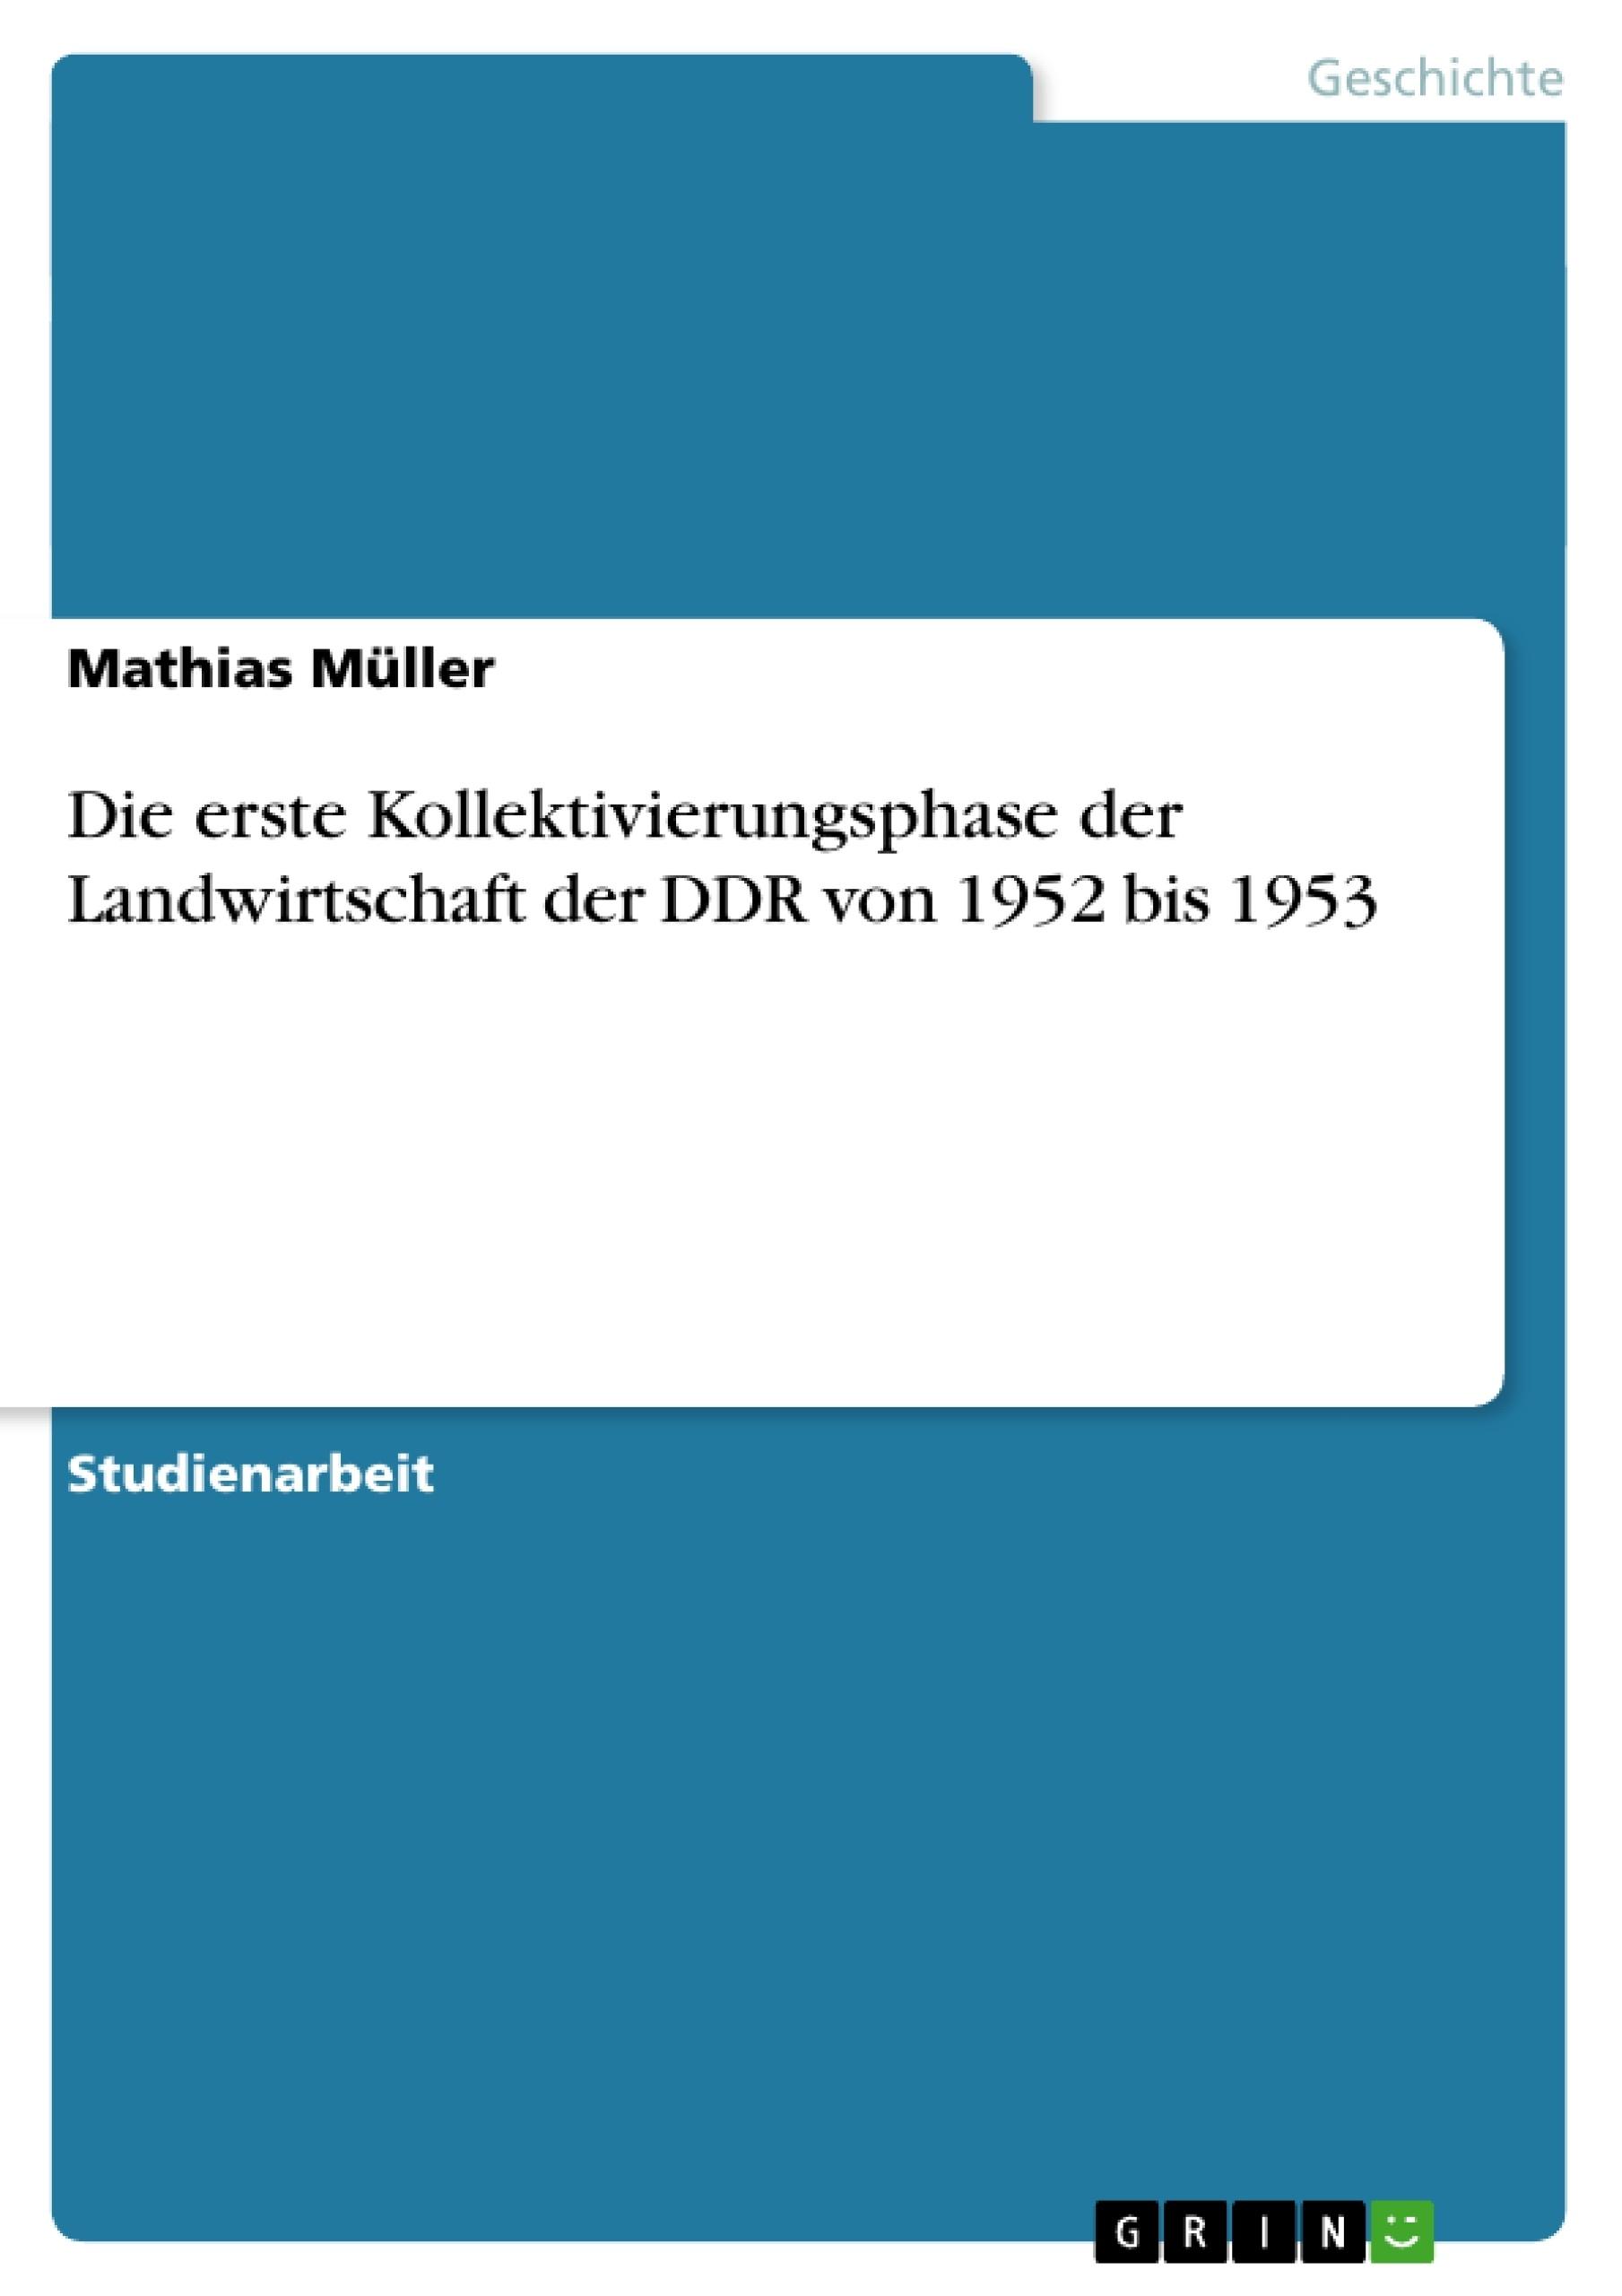 Titel: Die erste Kollektivierungsphase der Landwirtschaft der DDR von 1952 bis 1953